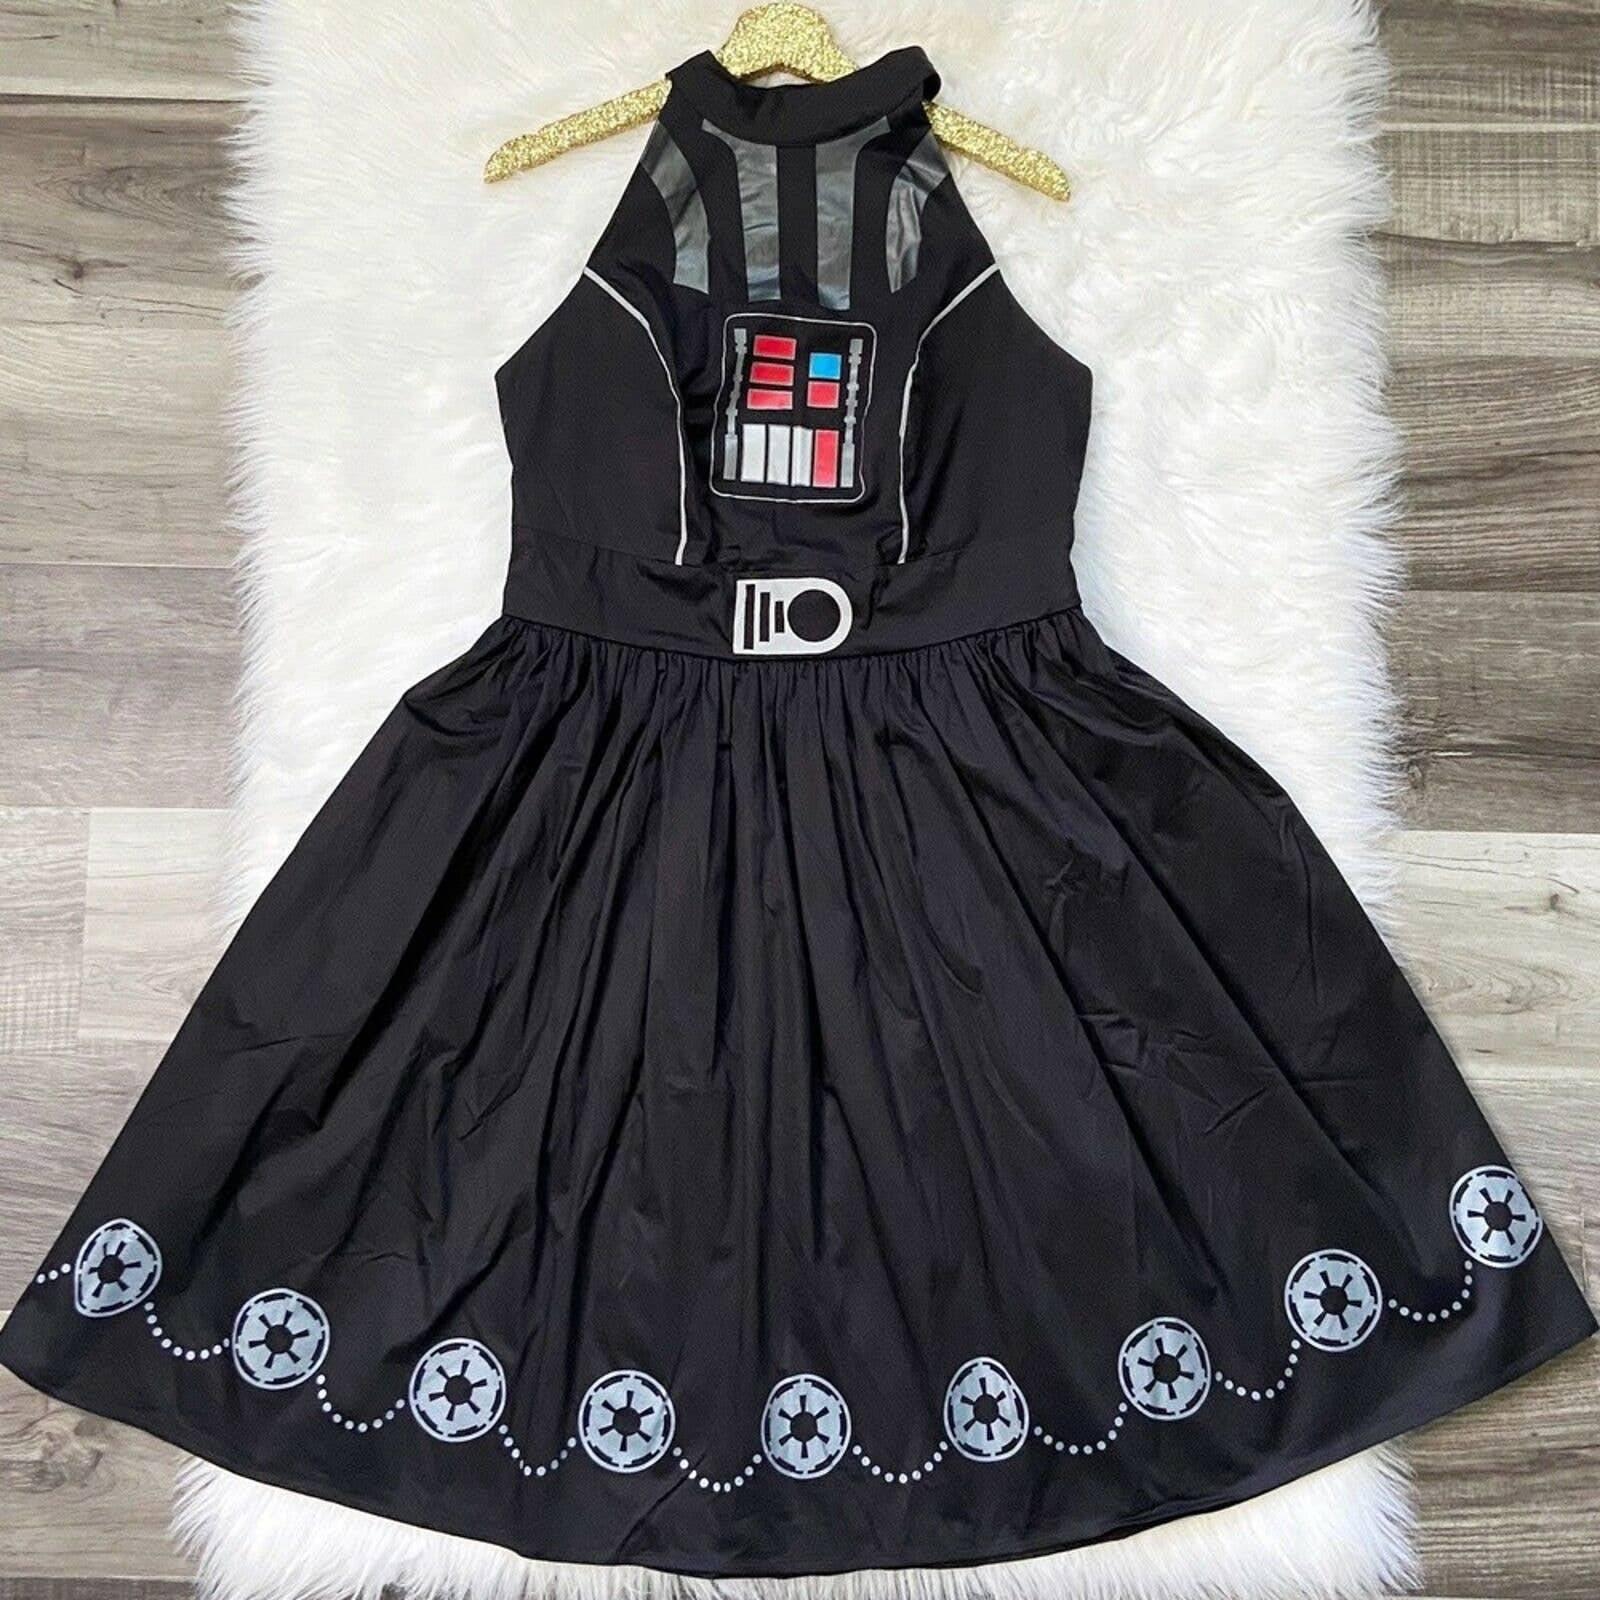 Disney Parks Darth Vader Star Wars Dress